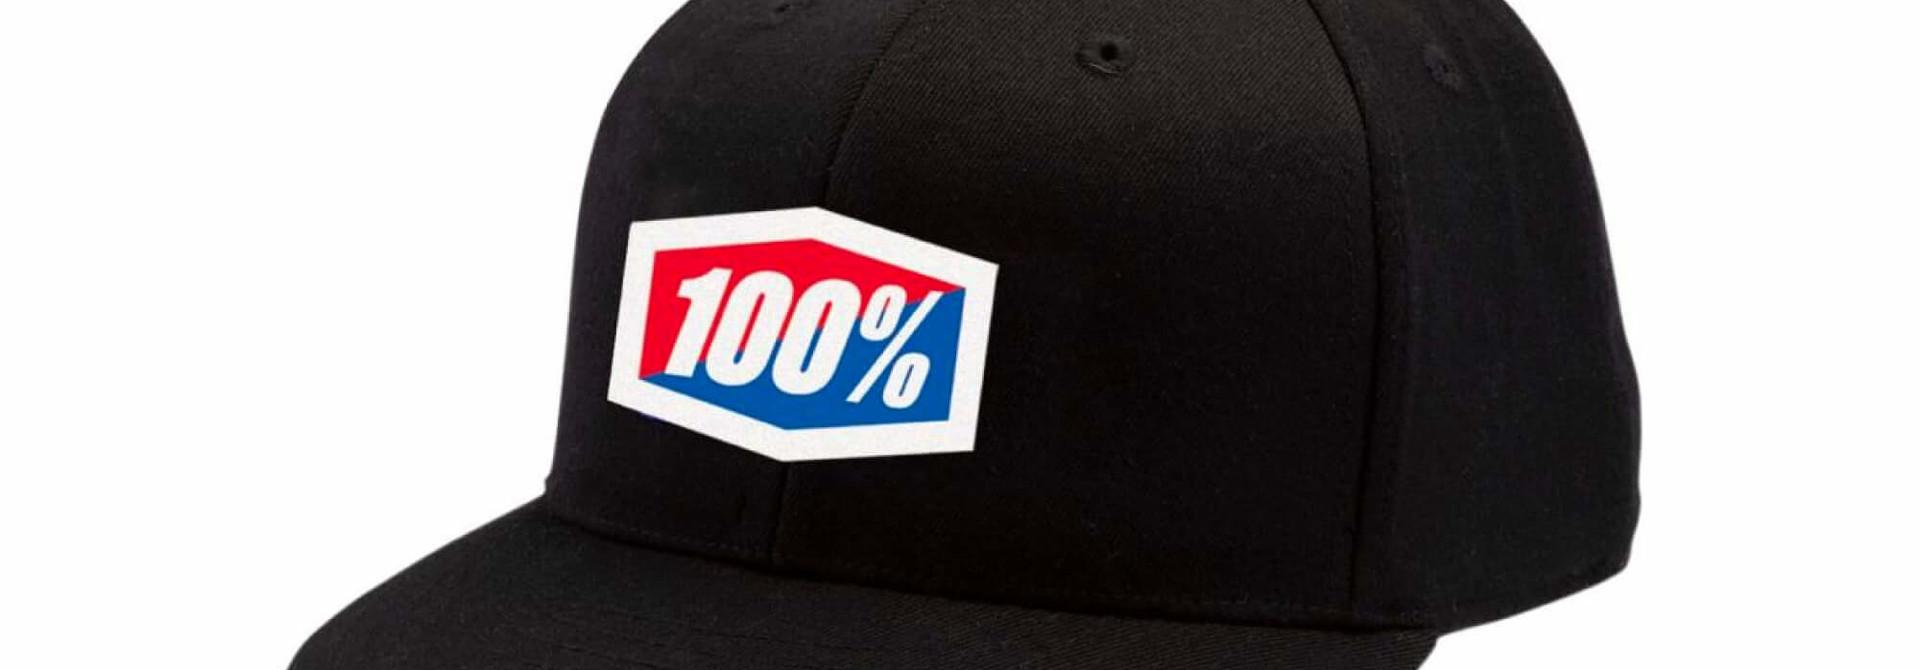 Official J-Fit Flexfit Hat Black